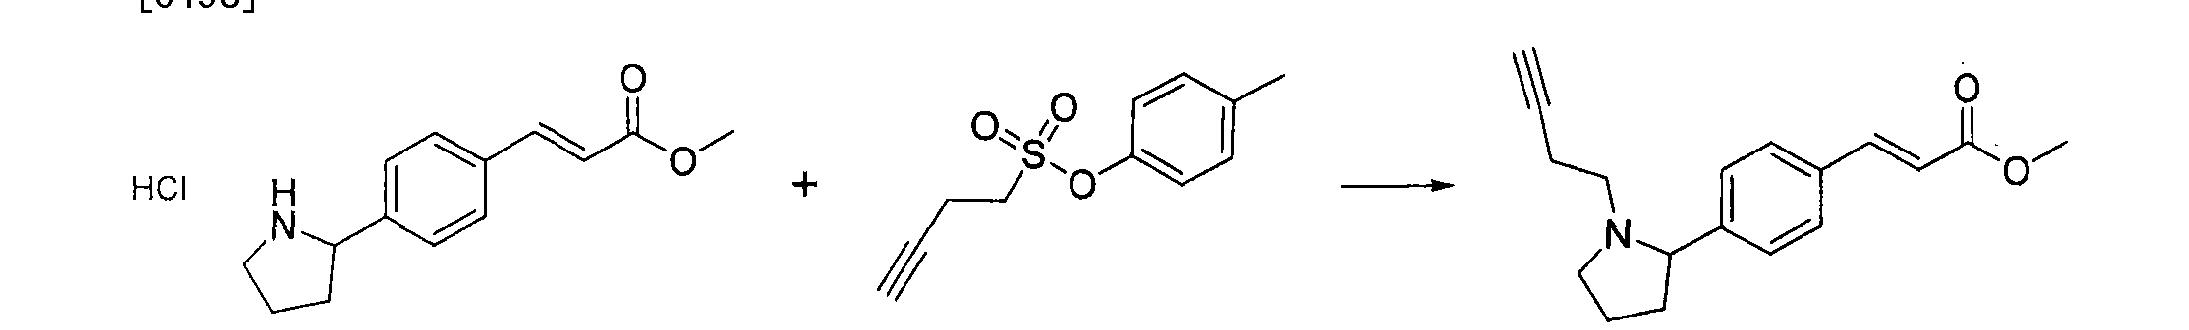 Figure CN102036955BD00811